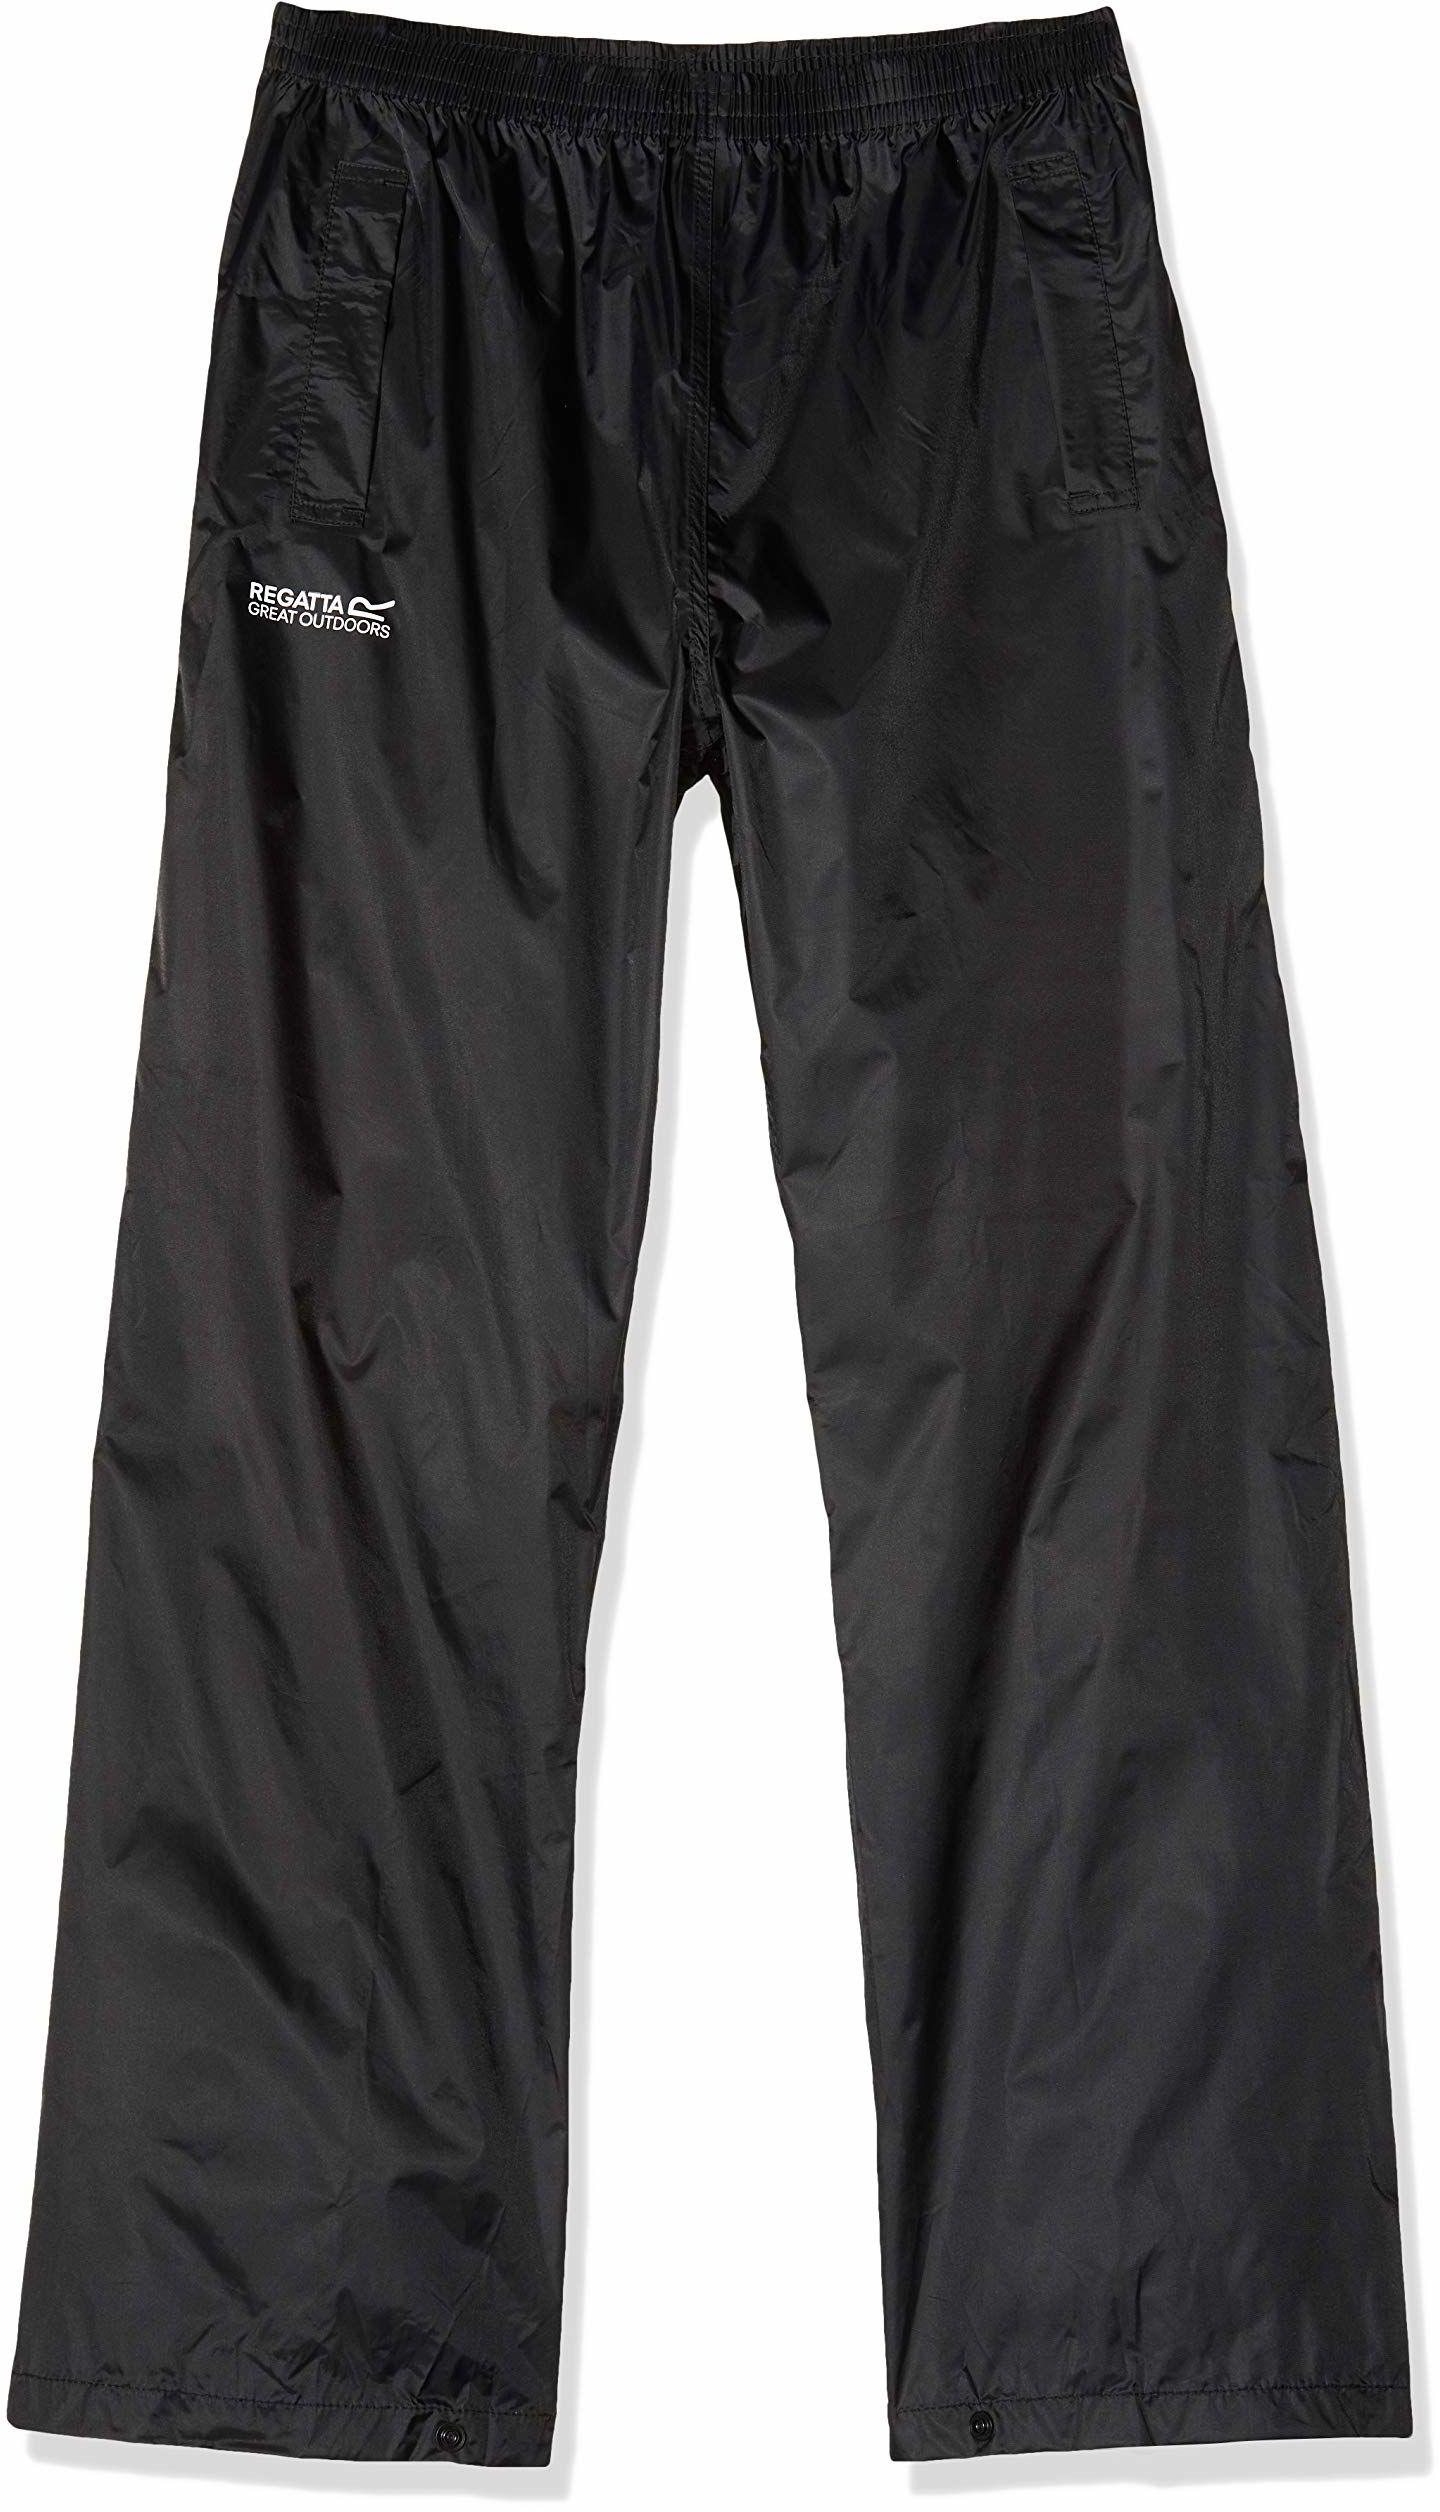 Regatta Unisex Dzieci Pack It Regatta Pack It Over Spodnie - Czarne, Rozmiar 9-10 Czarny Size 3-4